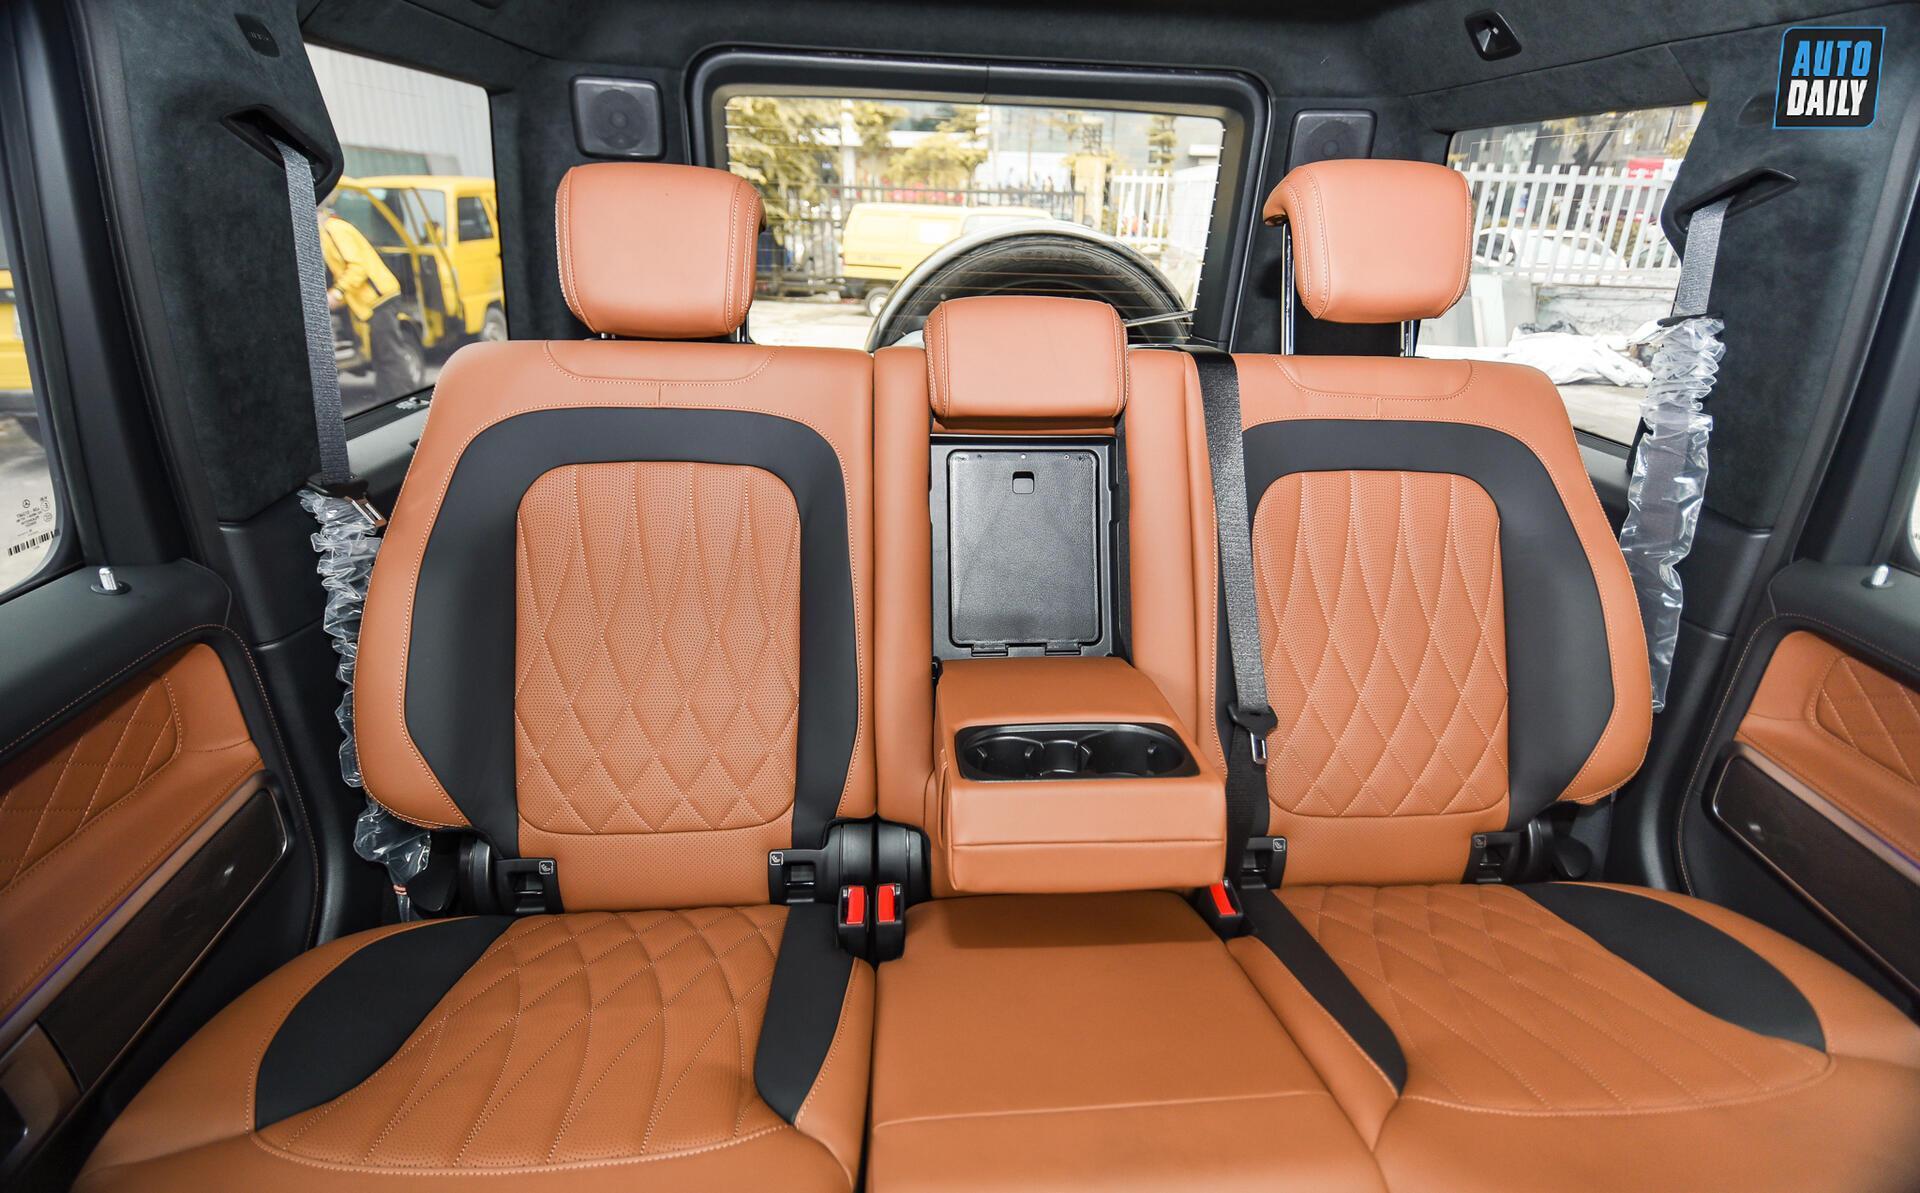 Ảnh chi tiết Mercedes G63 AMG 2021 bản cá nhân hoá giá khoảng 12 tỷ [24]